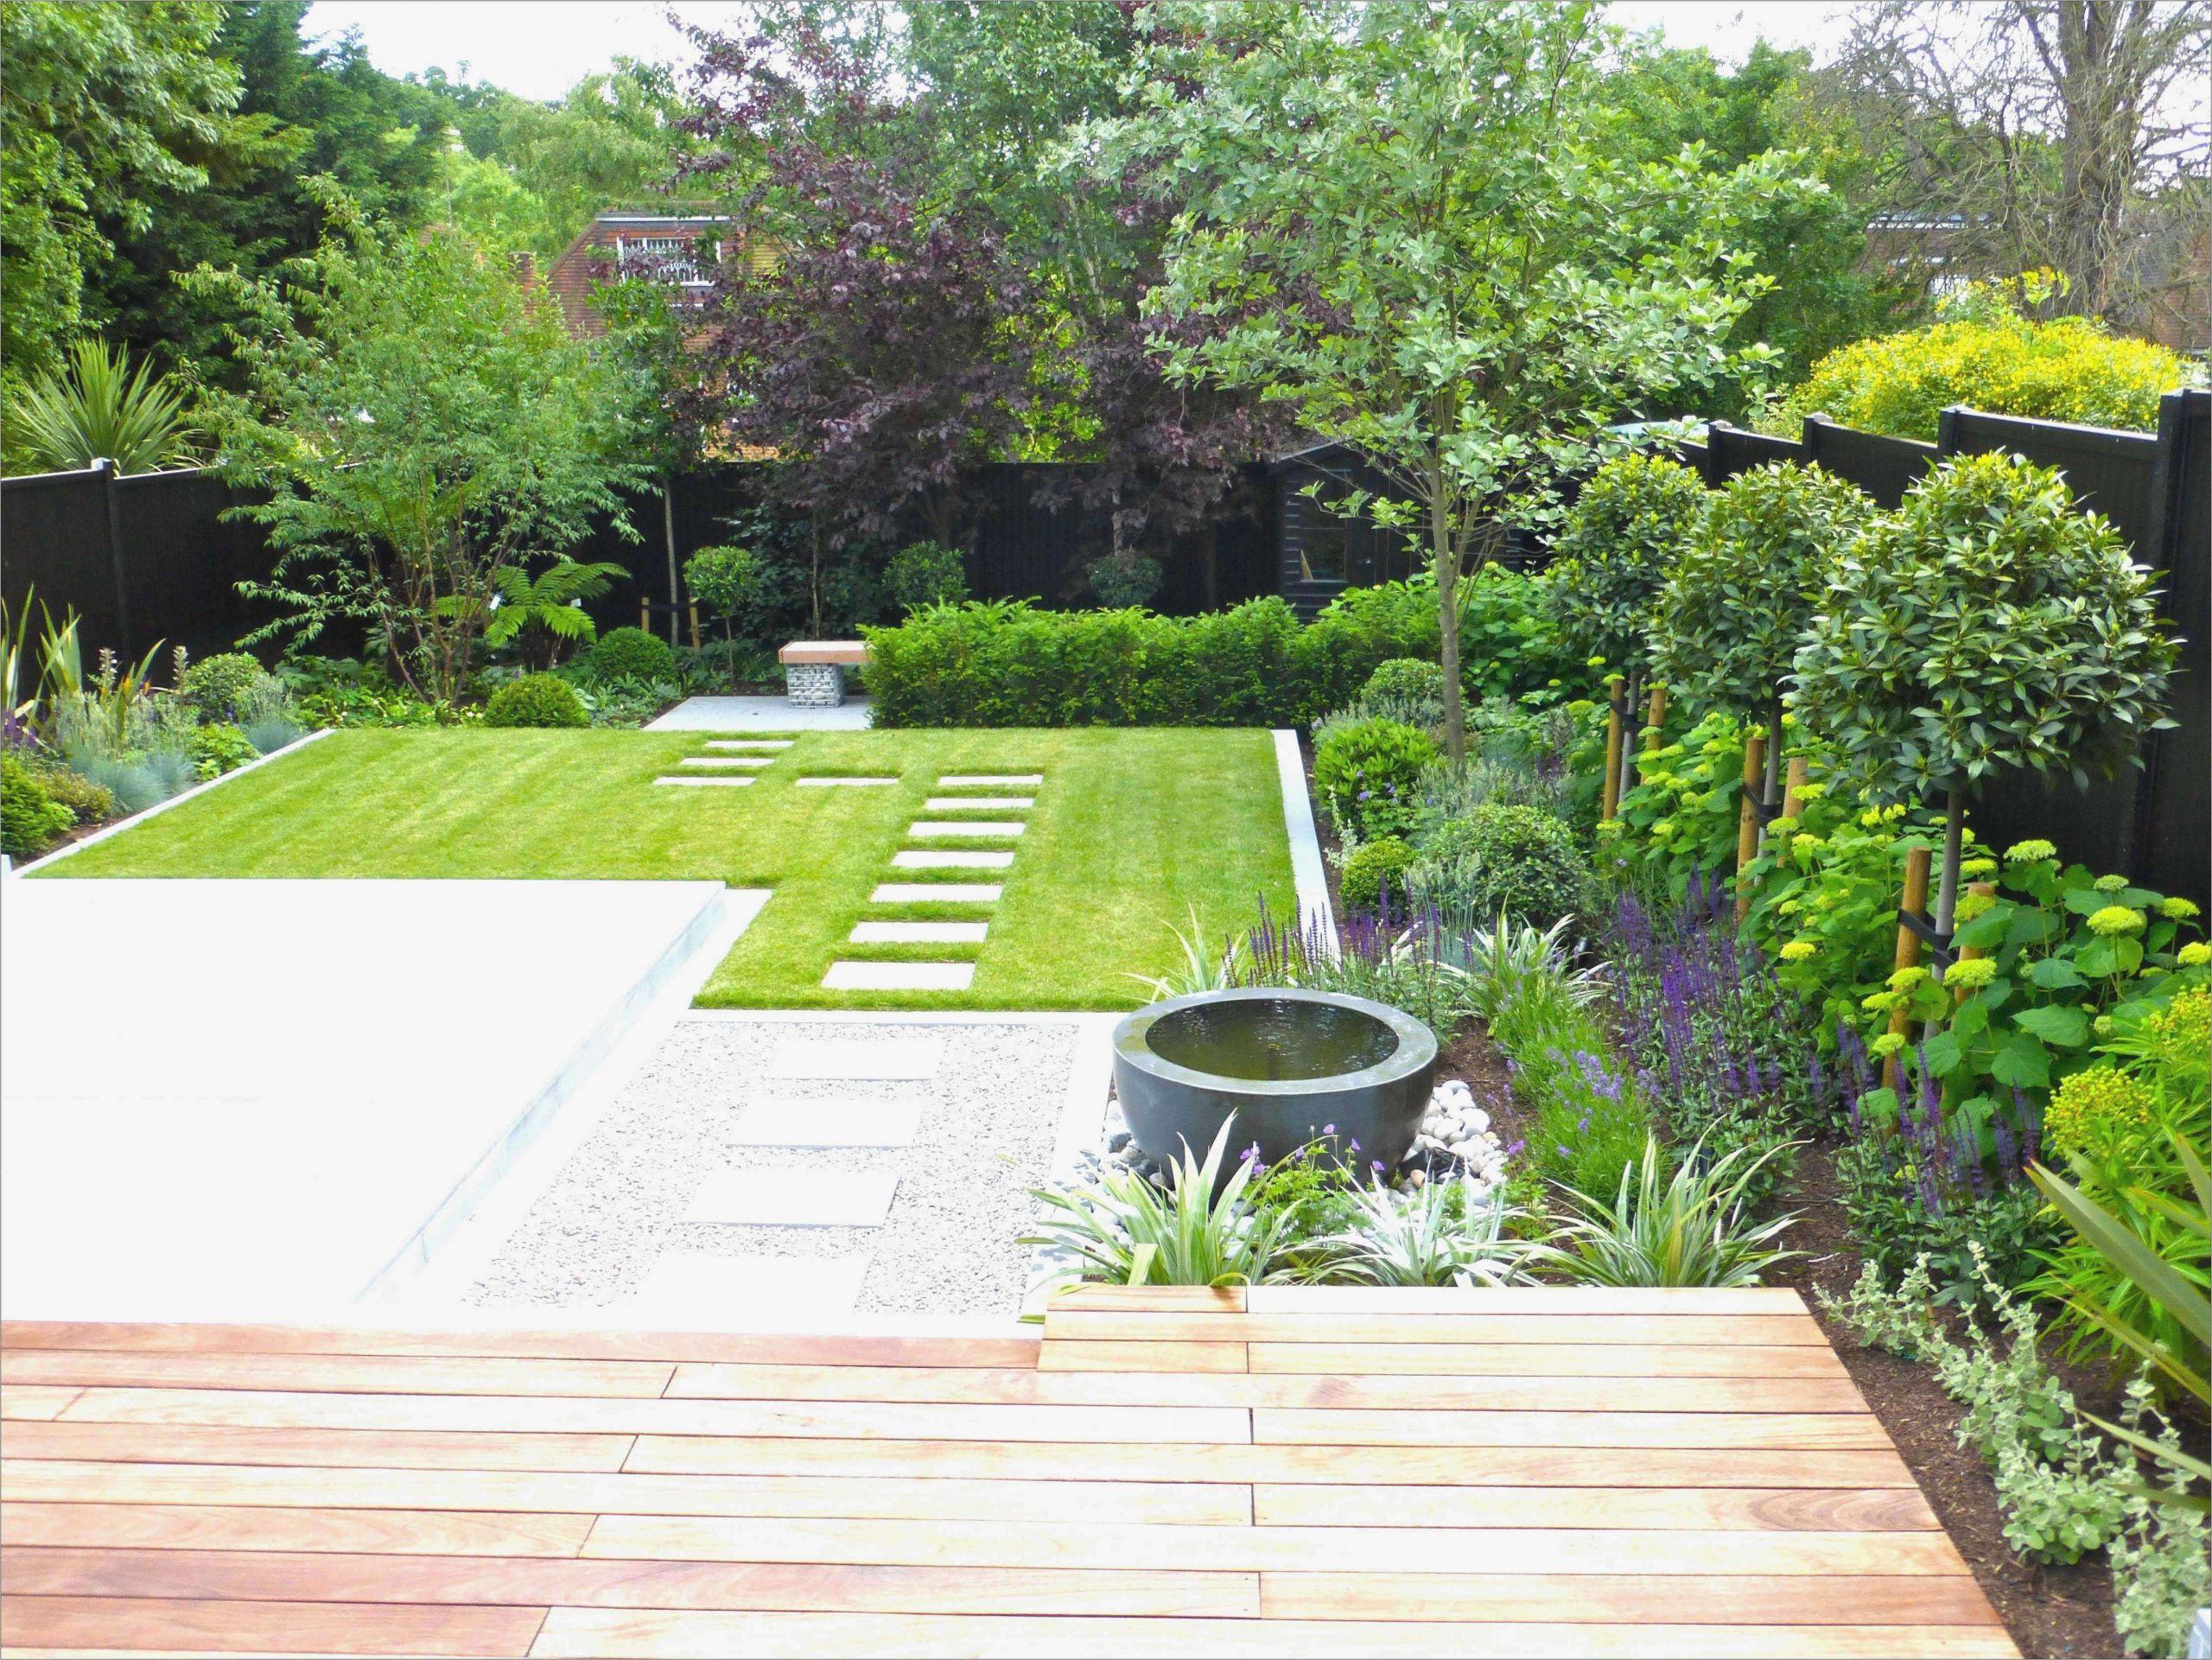 Garten Bepflanzen Ideen Elegant 23 Einzigartig Ideen Für Garten Gestalten